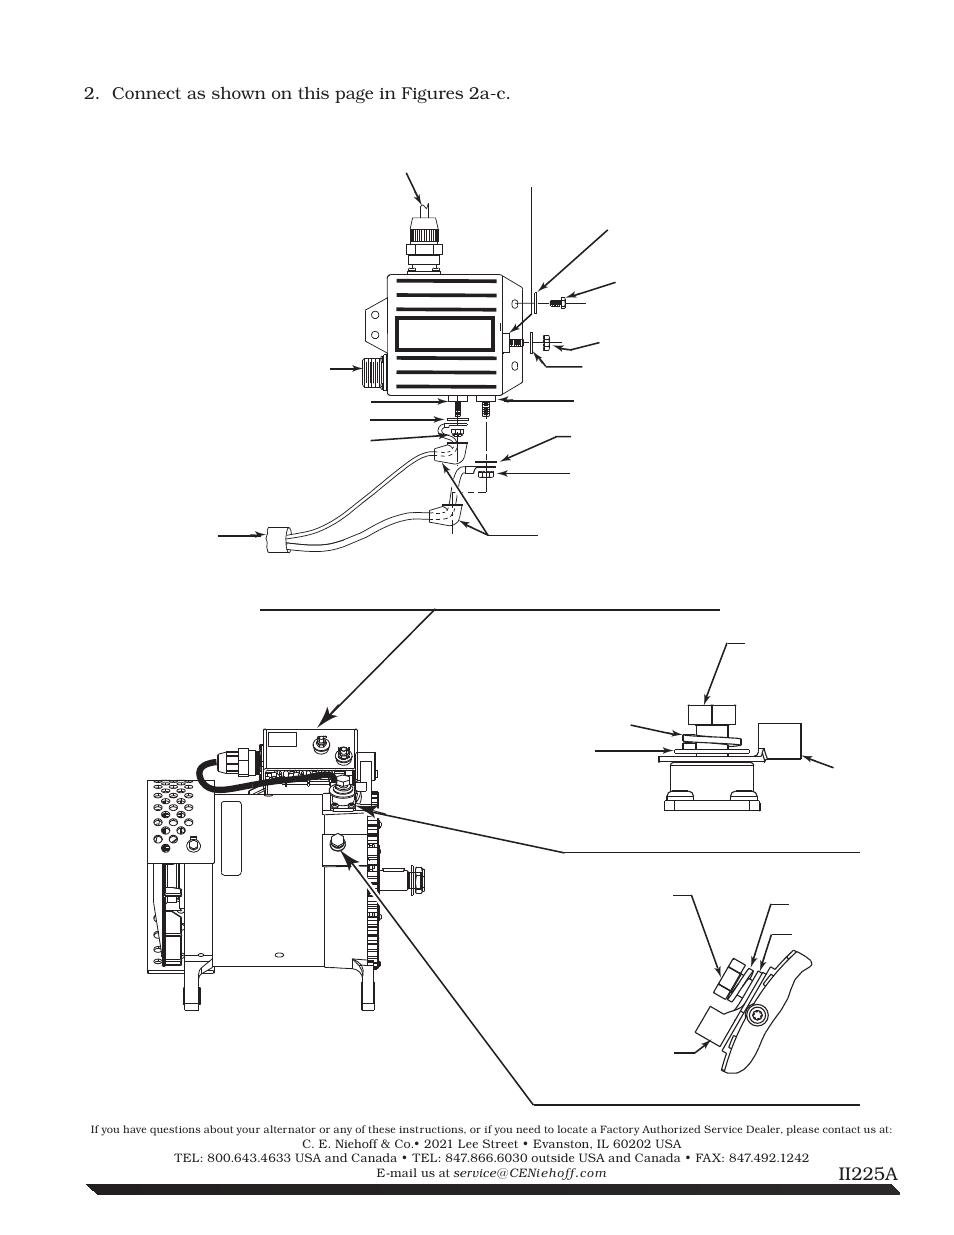 C.E. Niehoff & Co. N1225/N1387 Alternator Installation